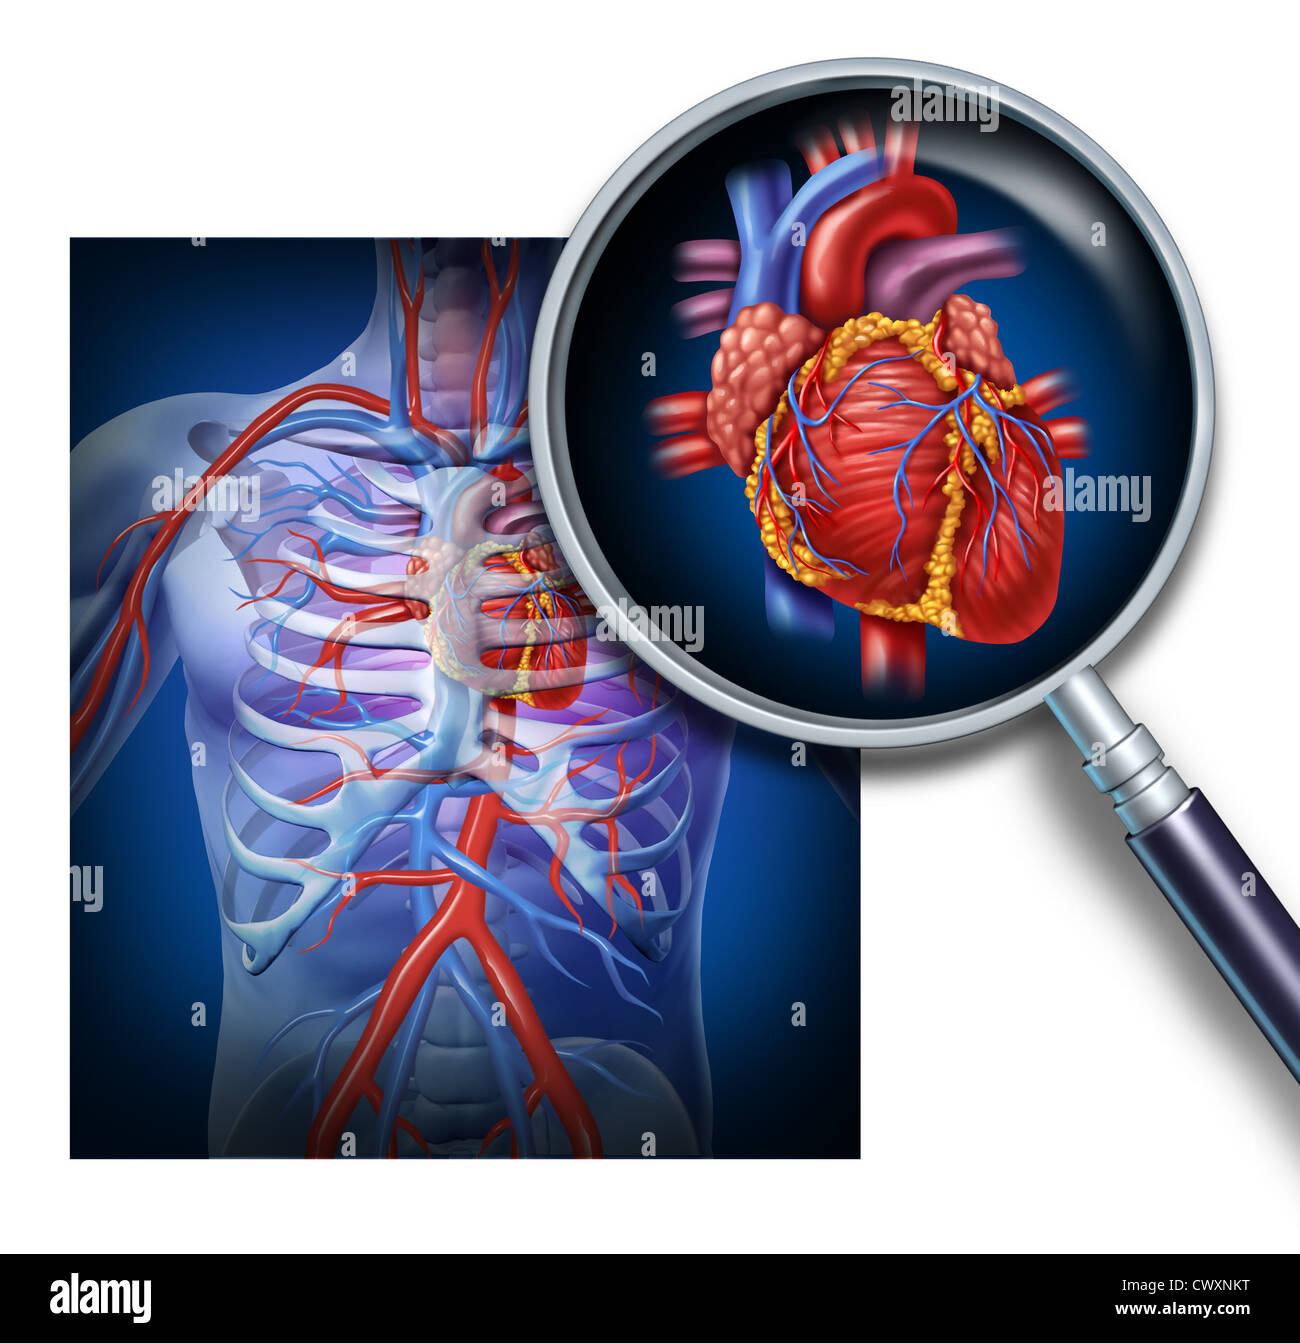 Anatomía del corazón humano con un enfoque y un aumento de la ...